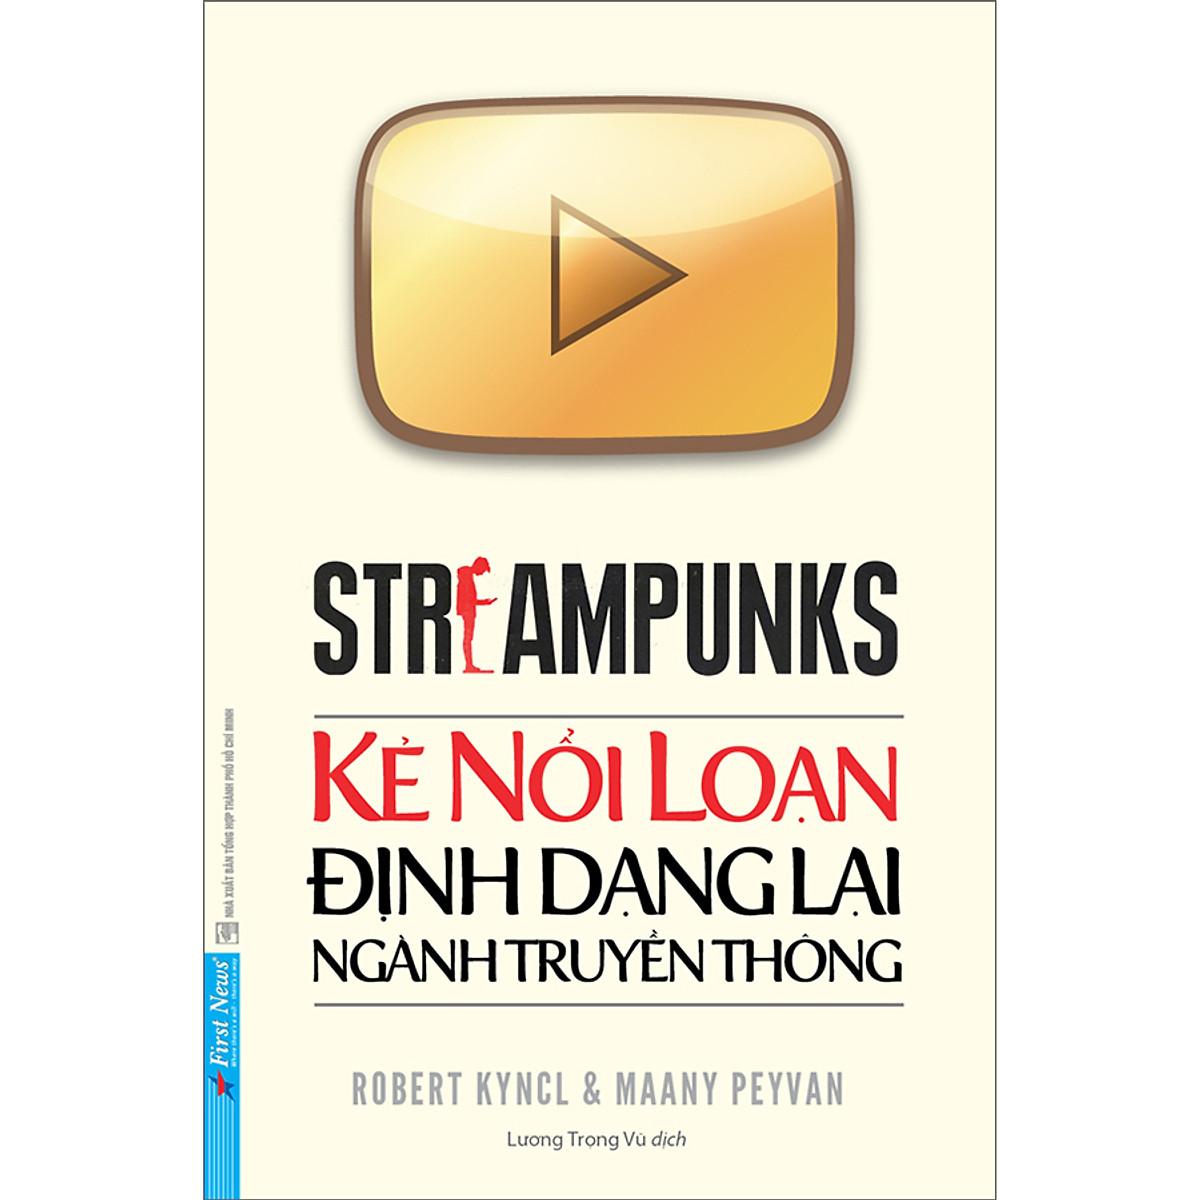 Streampunks - Kẻ Nổi Loạn Định Dạng Lại Ngành Truyền Thông Đang Khuyến Mãi